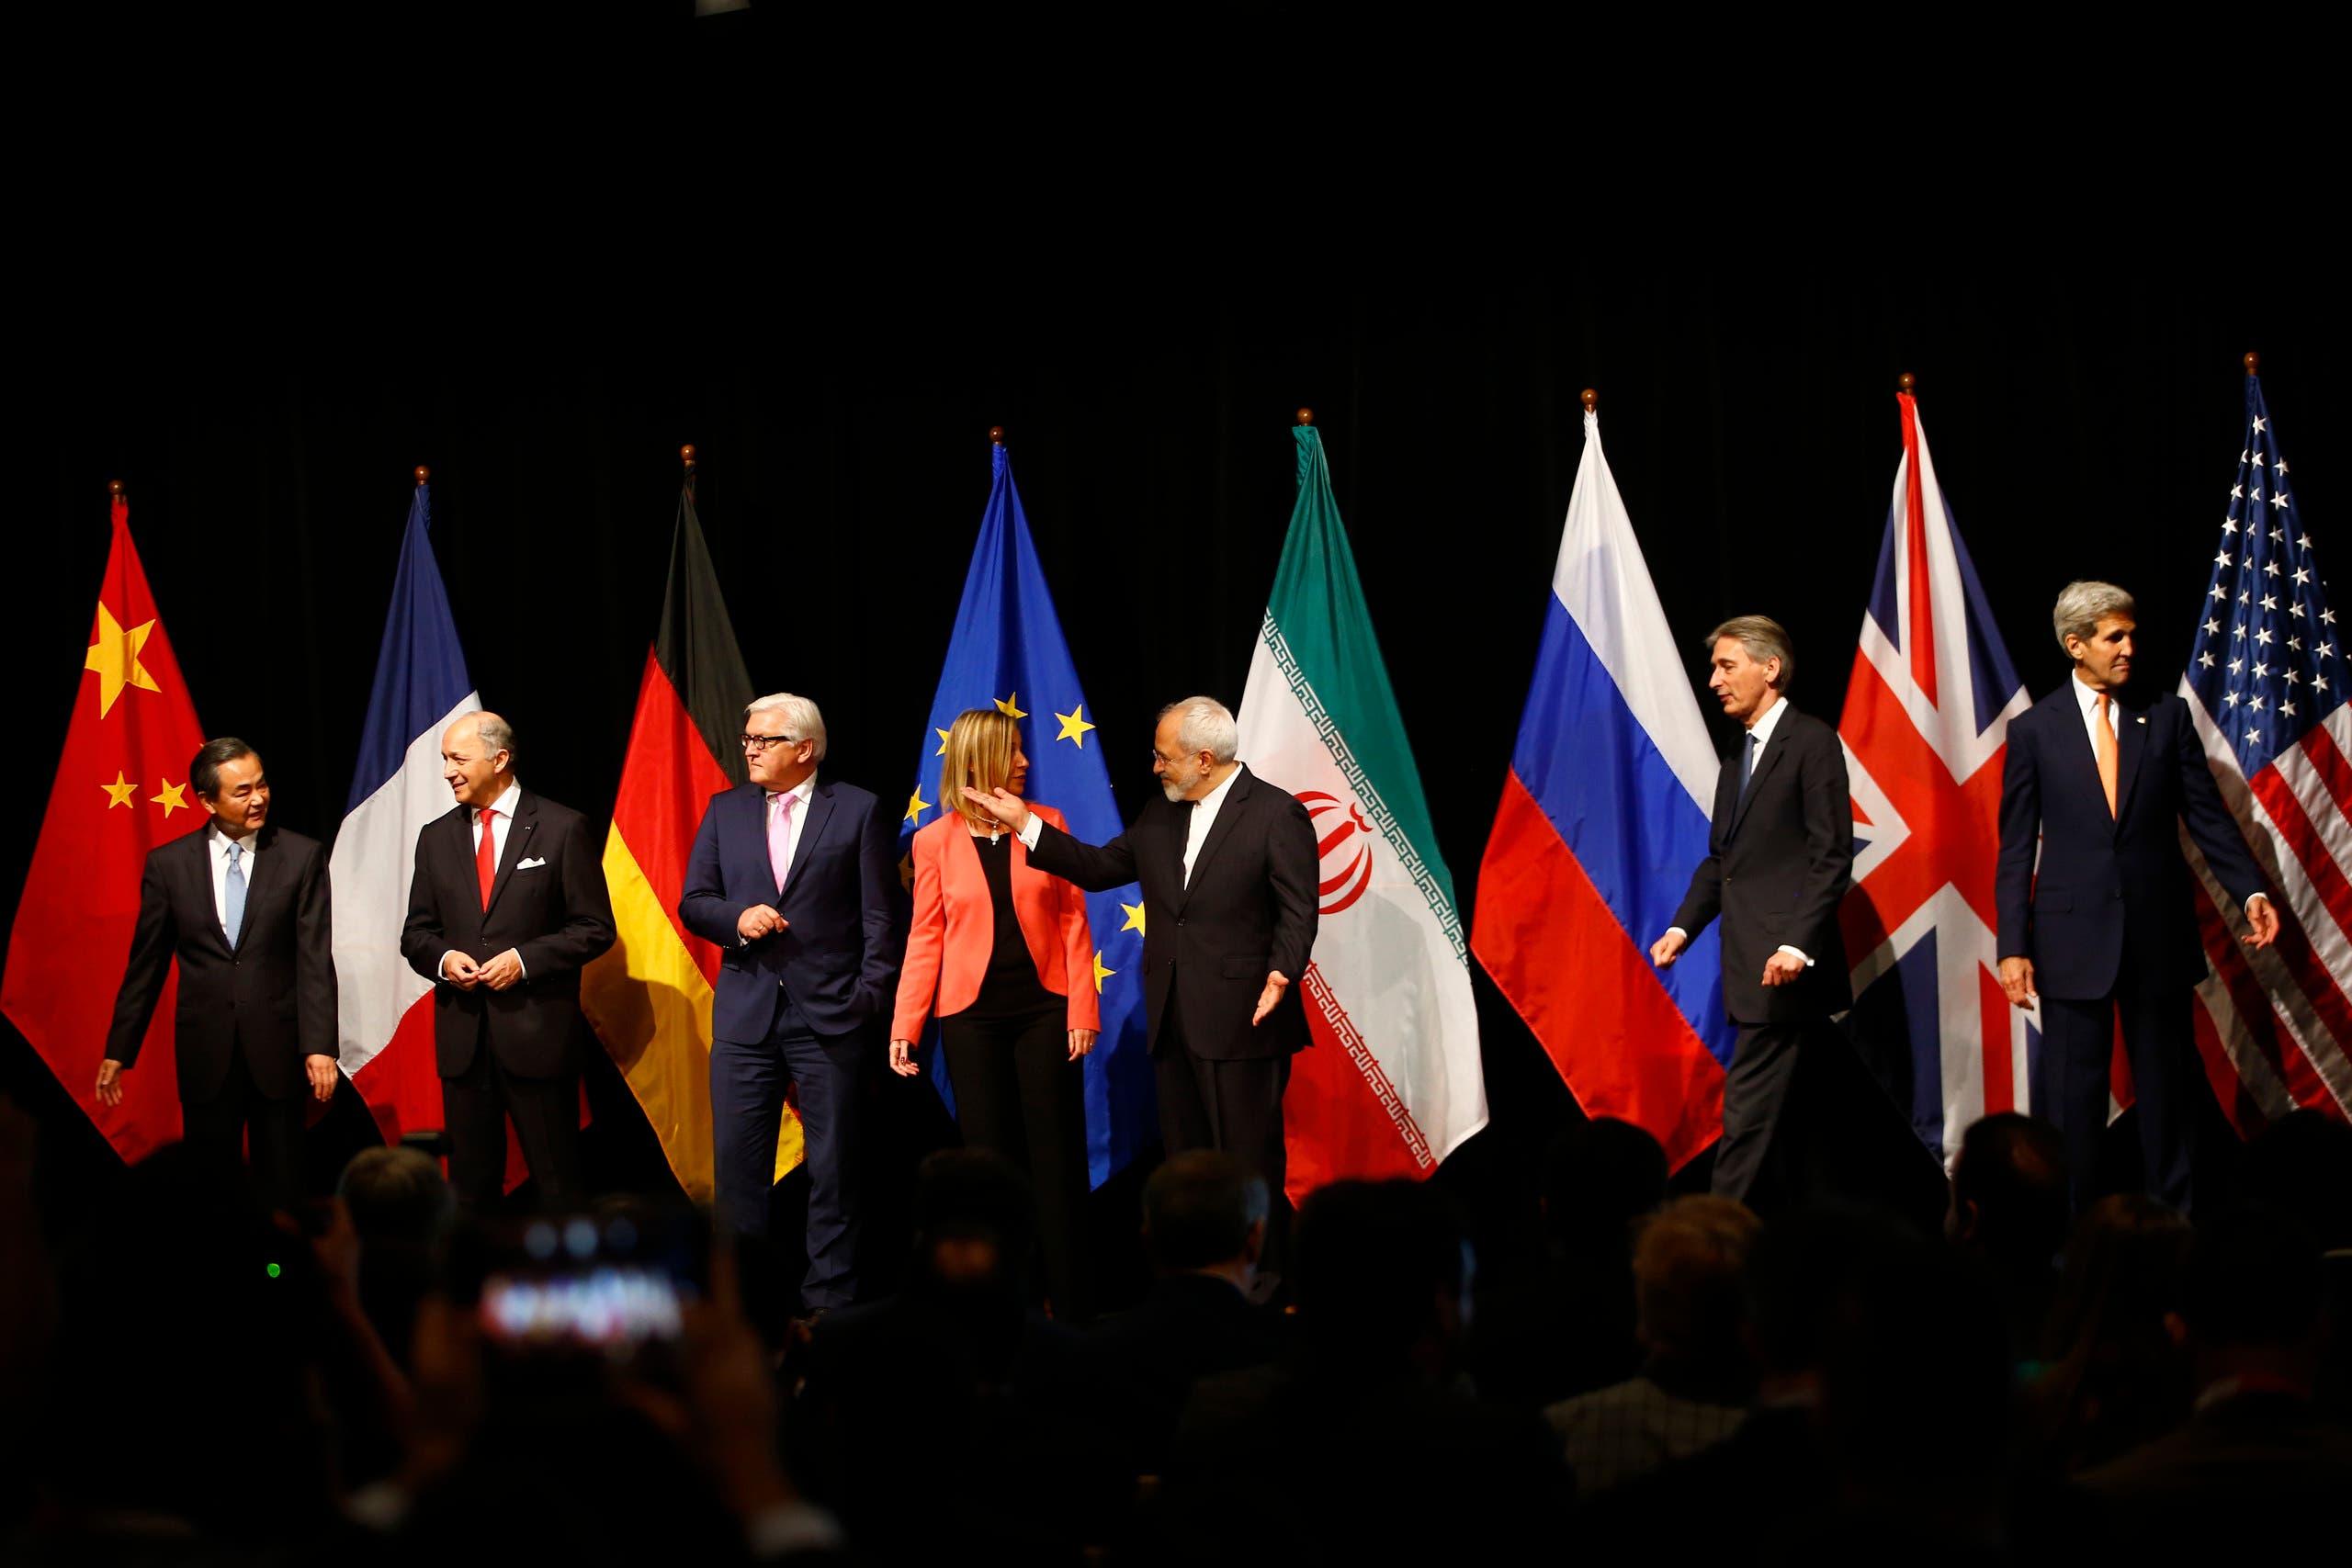 من الإعلان عن توقيع الاتفاق النووي في فييا في 2015